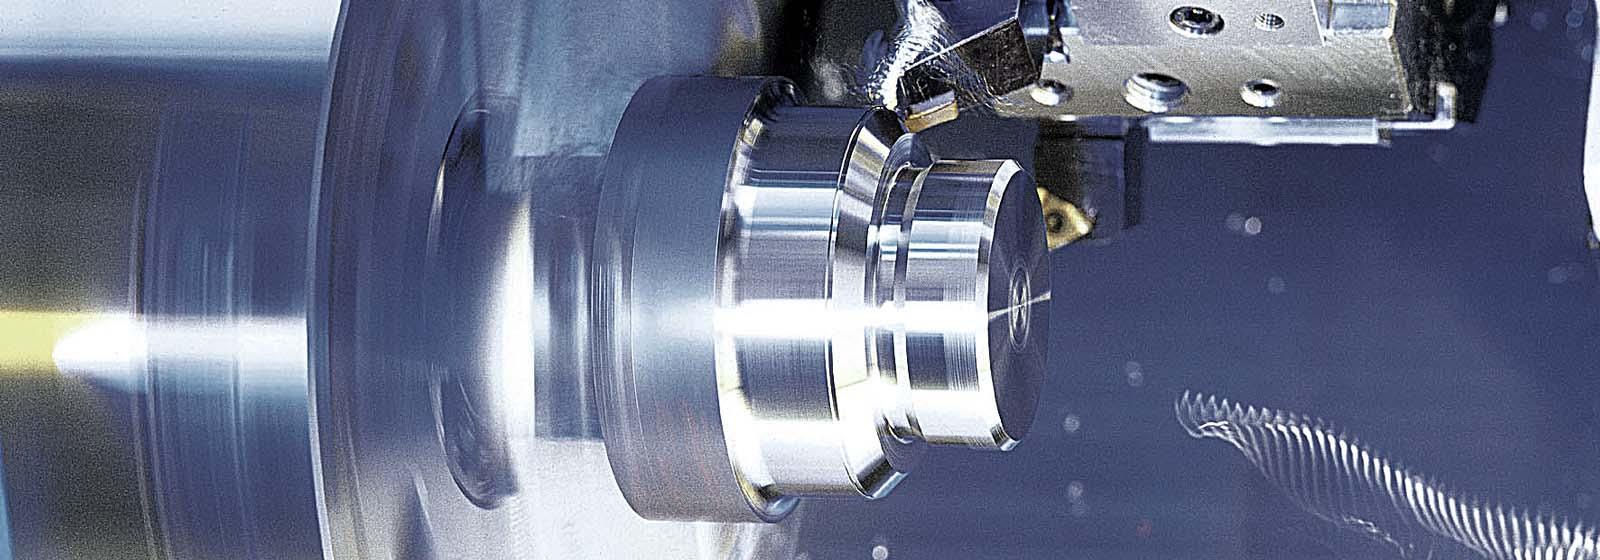 CNC Turning Lathe CNC lathe supplier from Turkey